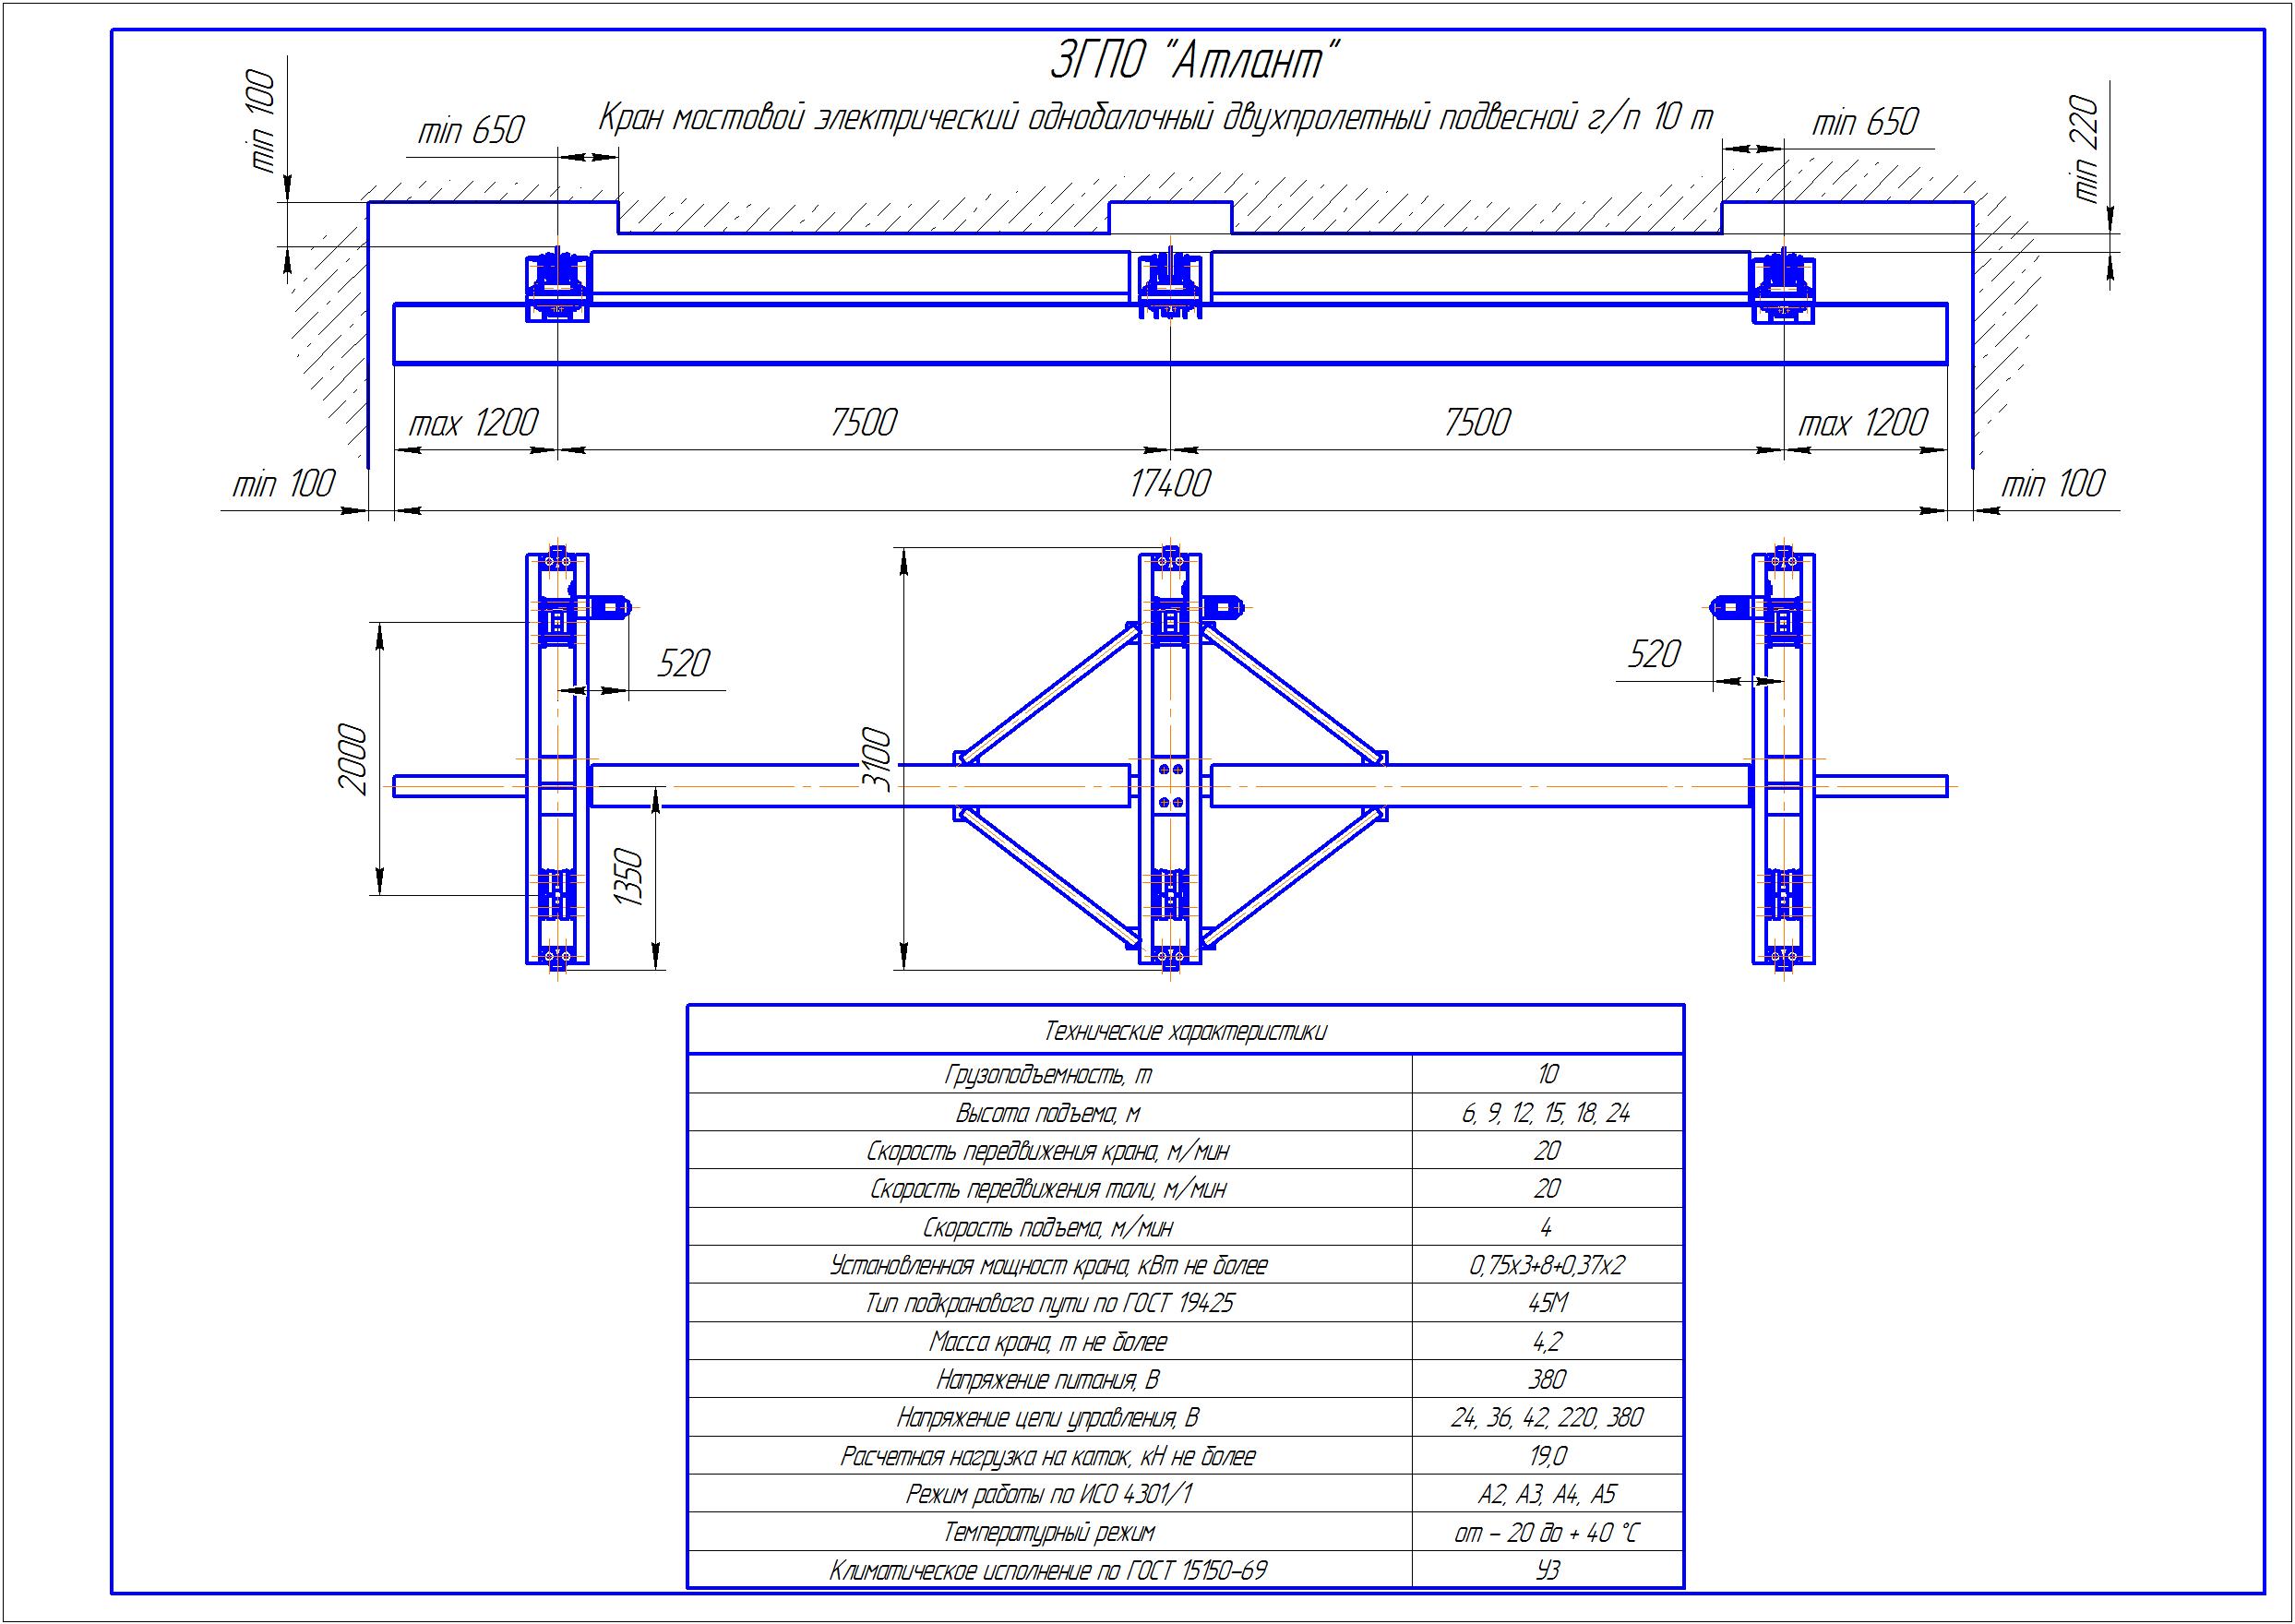 KBPD 7 1 - Подвесная кран балка двухпролетная